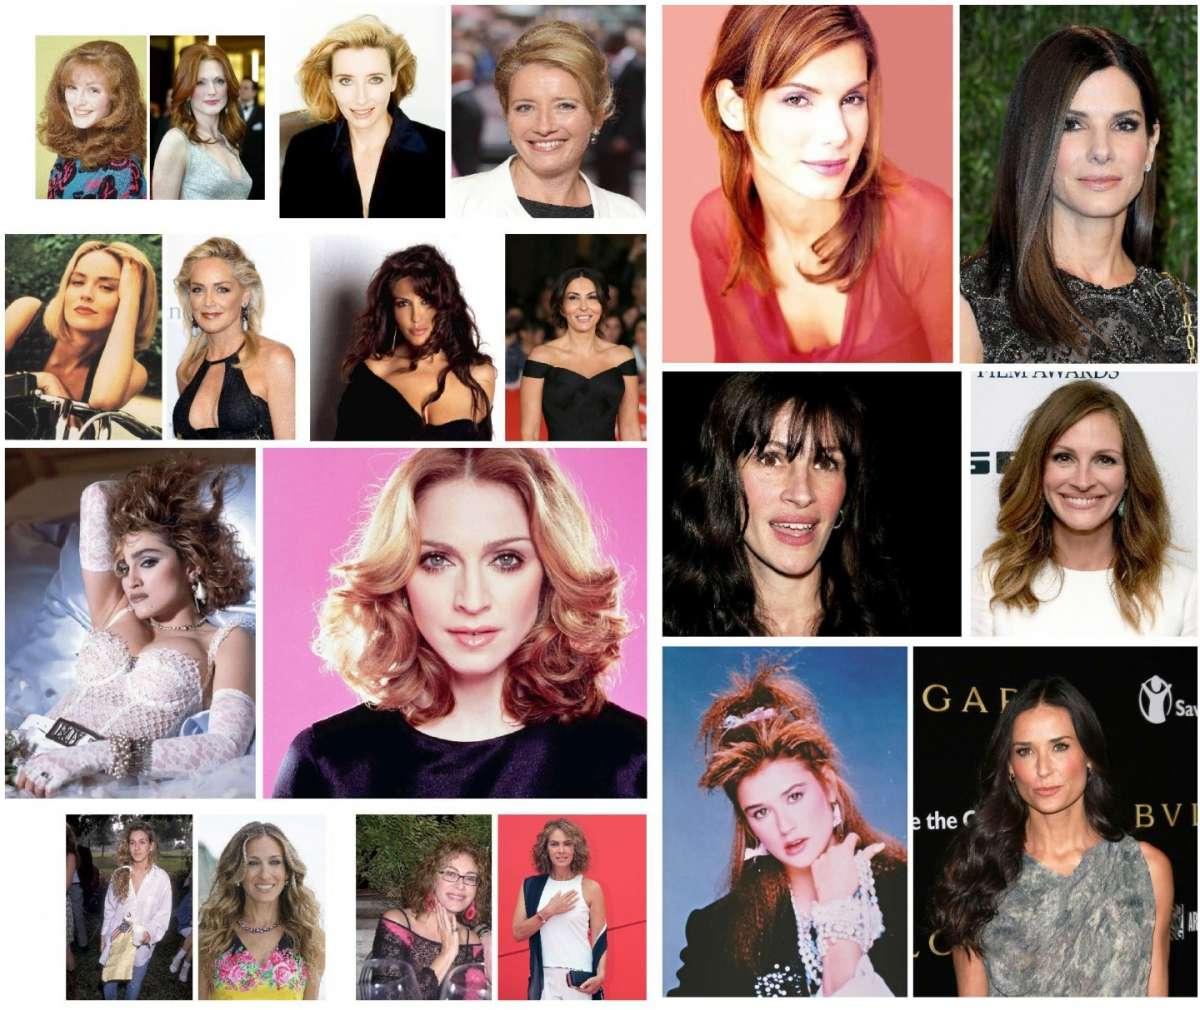 Donne più belle a 50 anni che a 30 [FOTO]